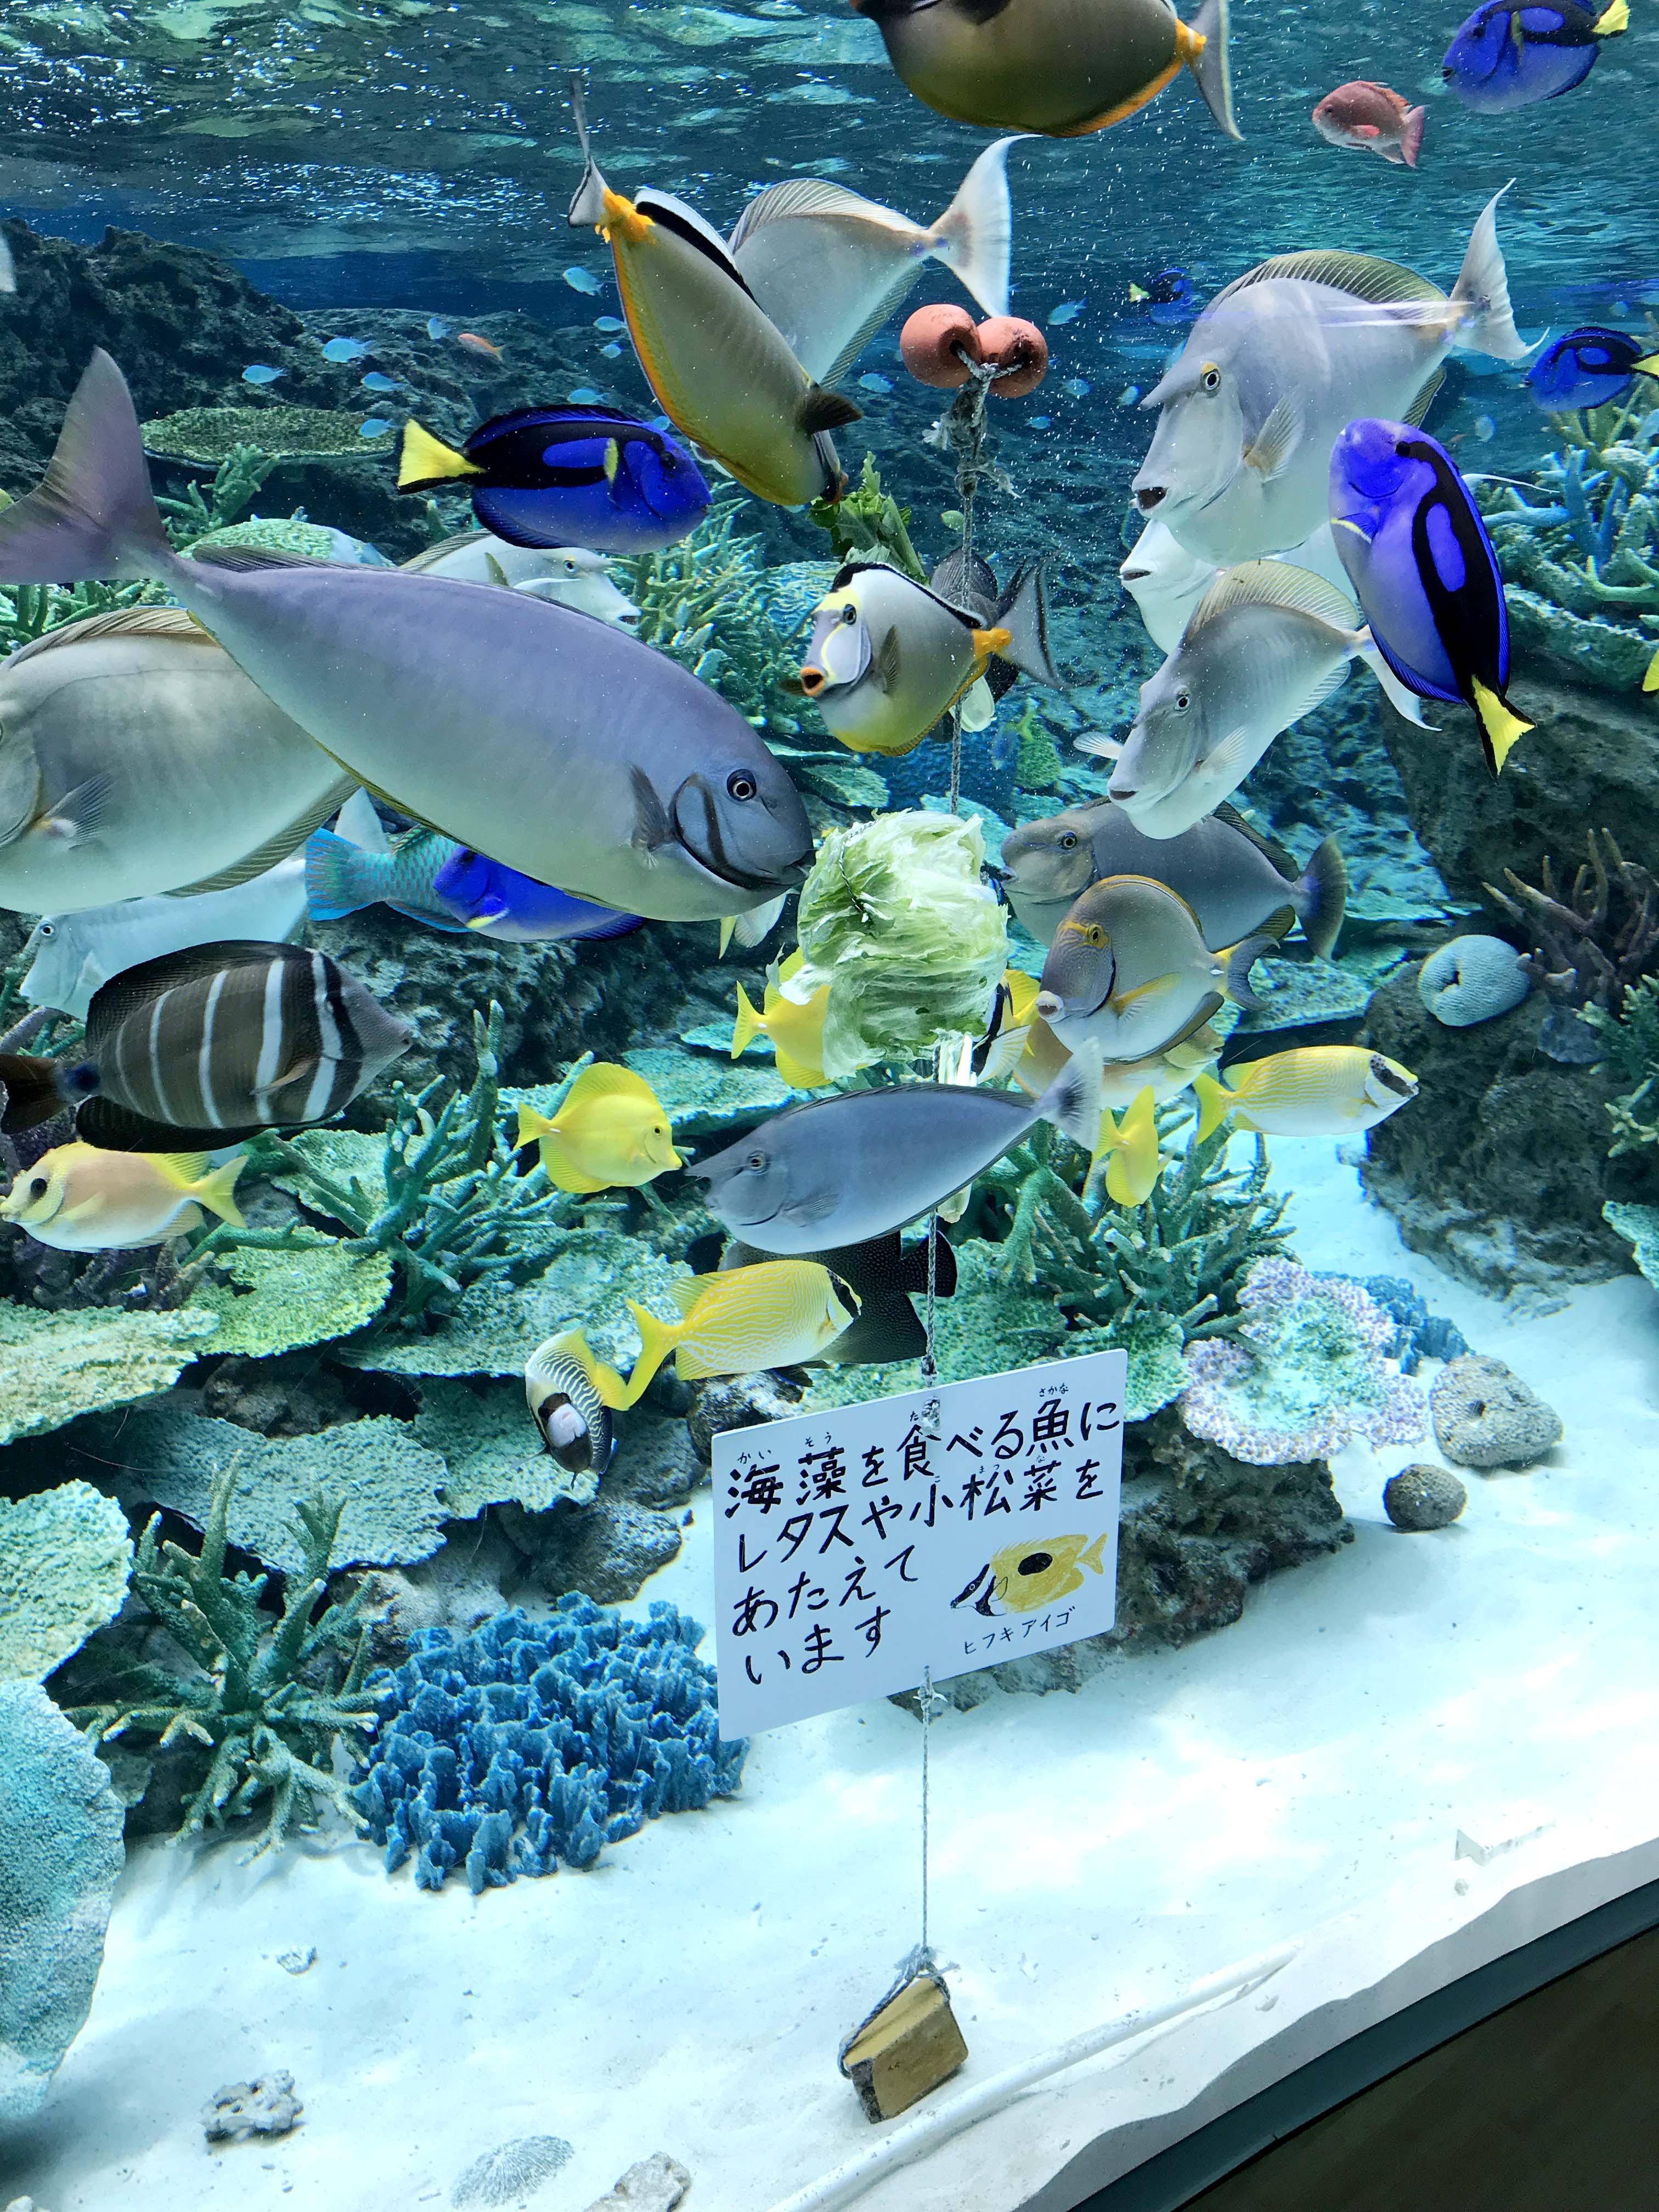 海藻を食べる魚にレタスや小松菜を与えています